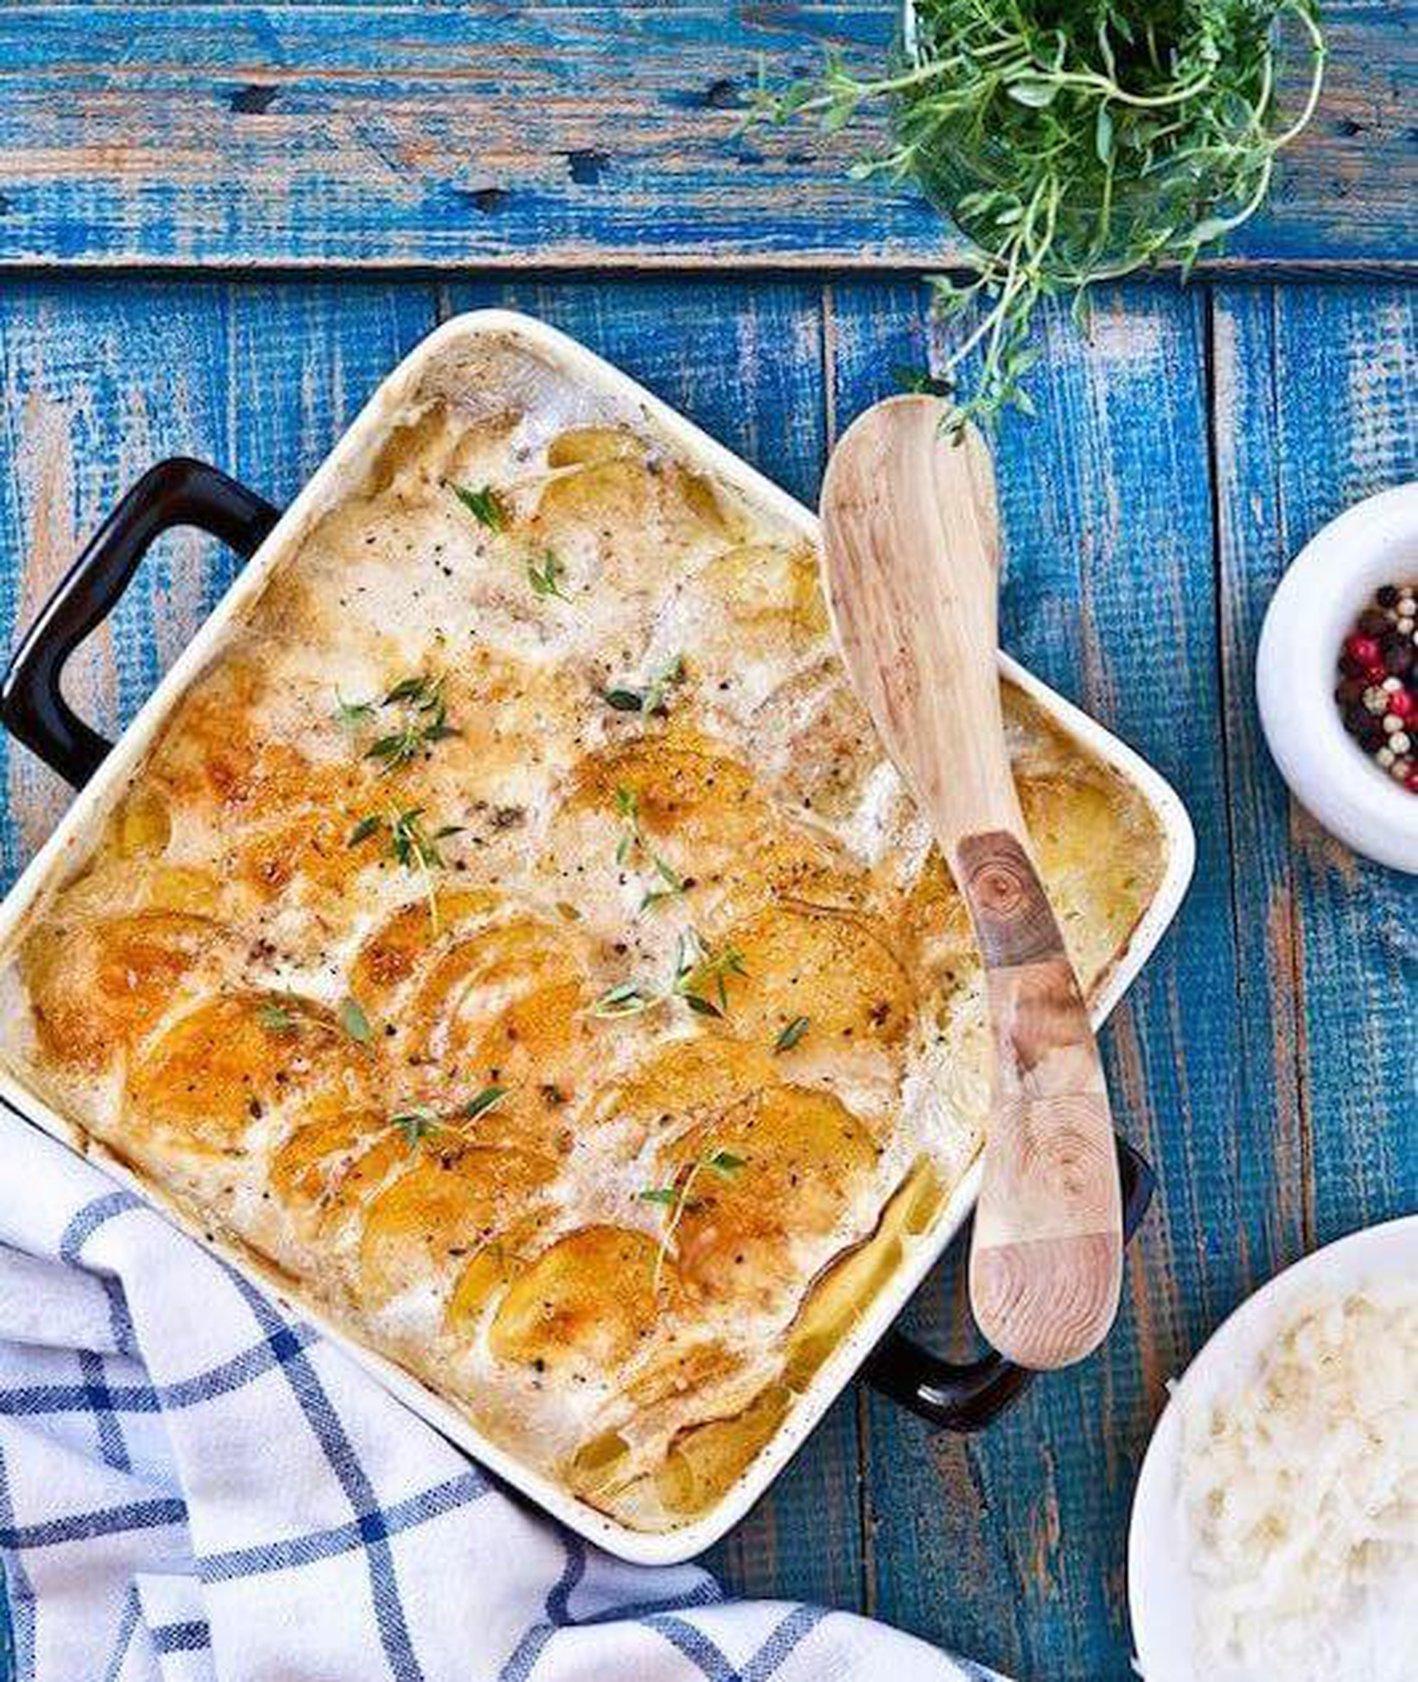 zapiekanka ziemniaczana, zapiekane ziemniaki, ziemniaki zapiekane z serem i tymiankiem, obiad z piekarnika, obiad z ziemniaków, pomysł na ziemniaki, co z ziemniaków, pieczone ziemniaki